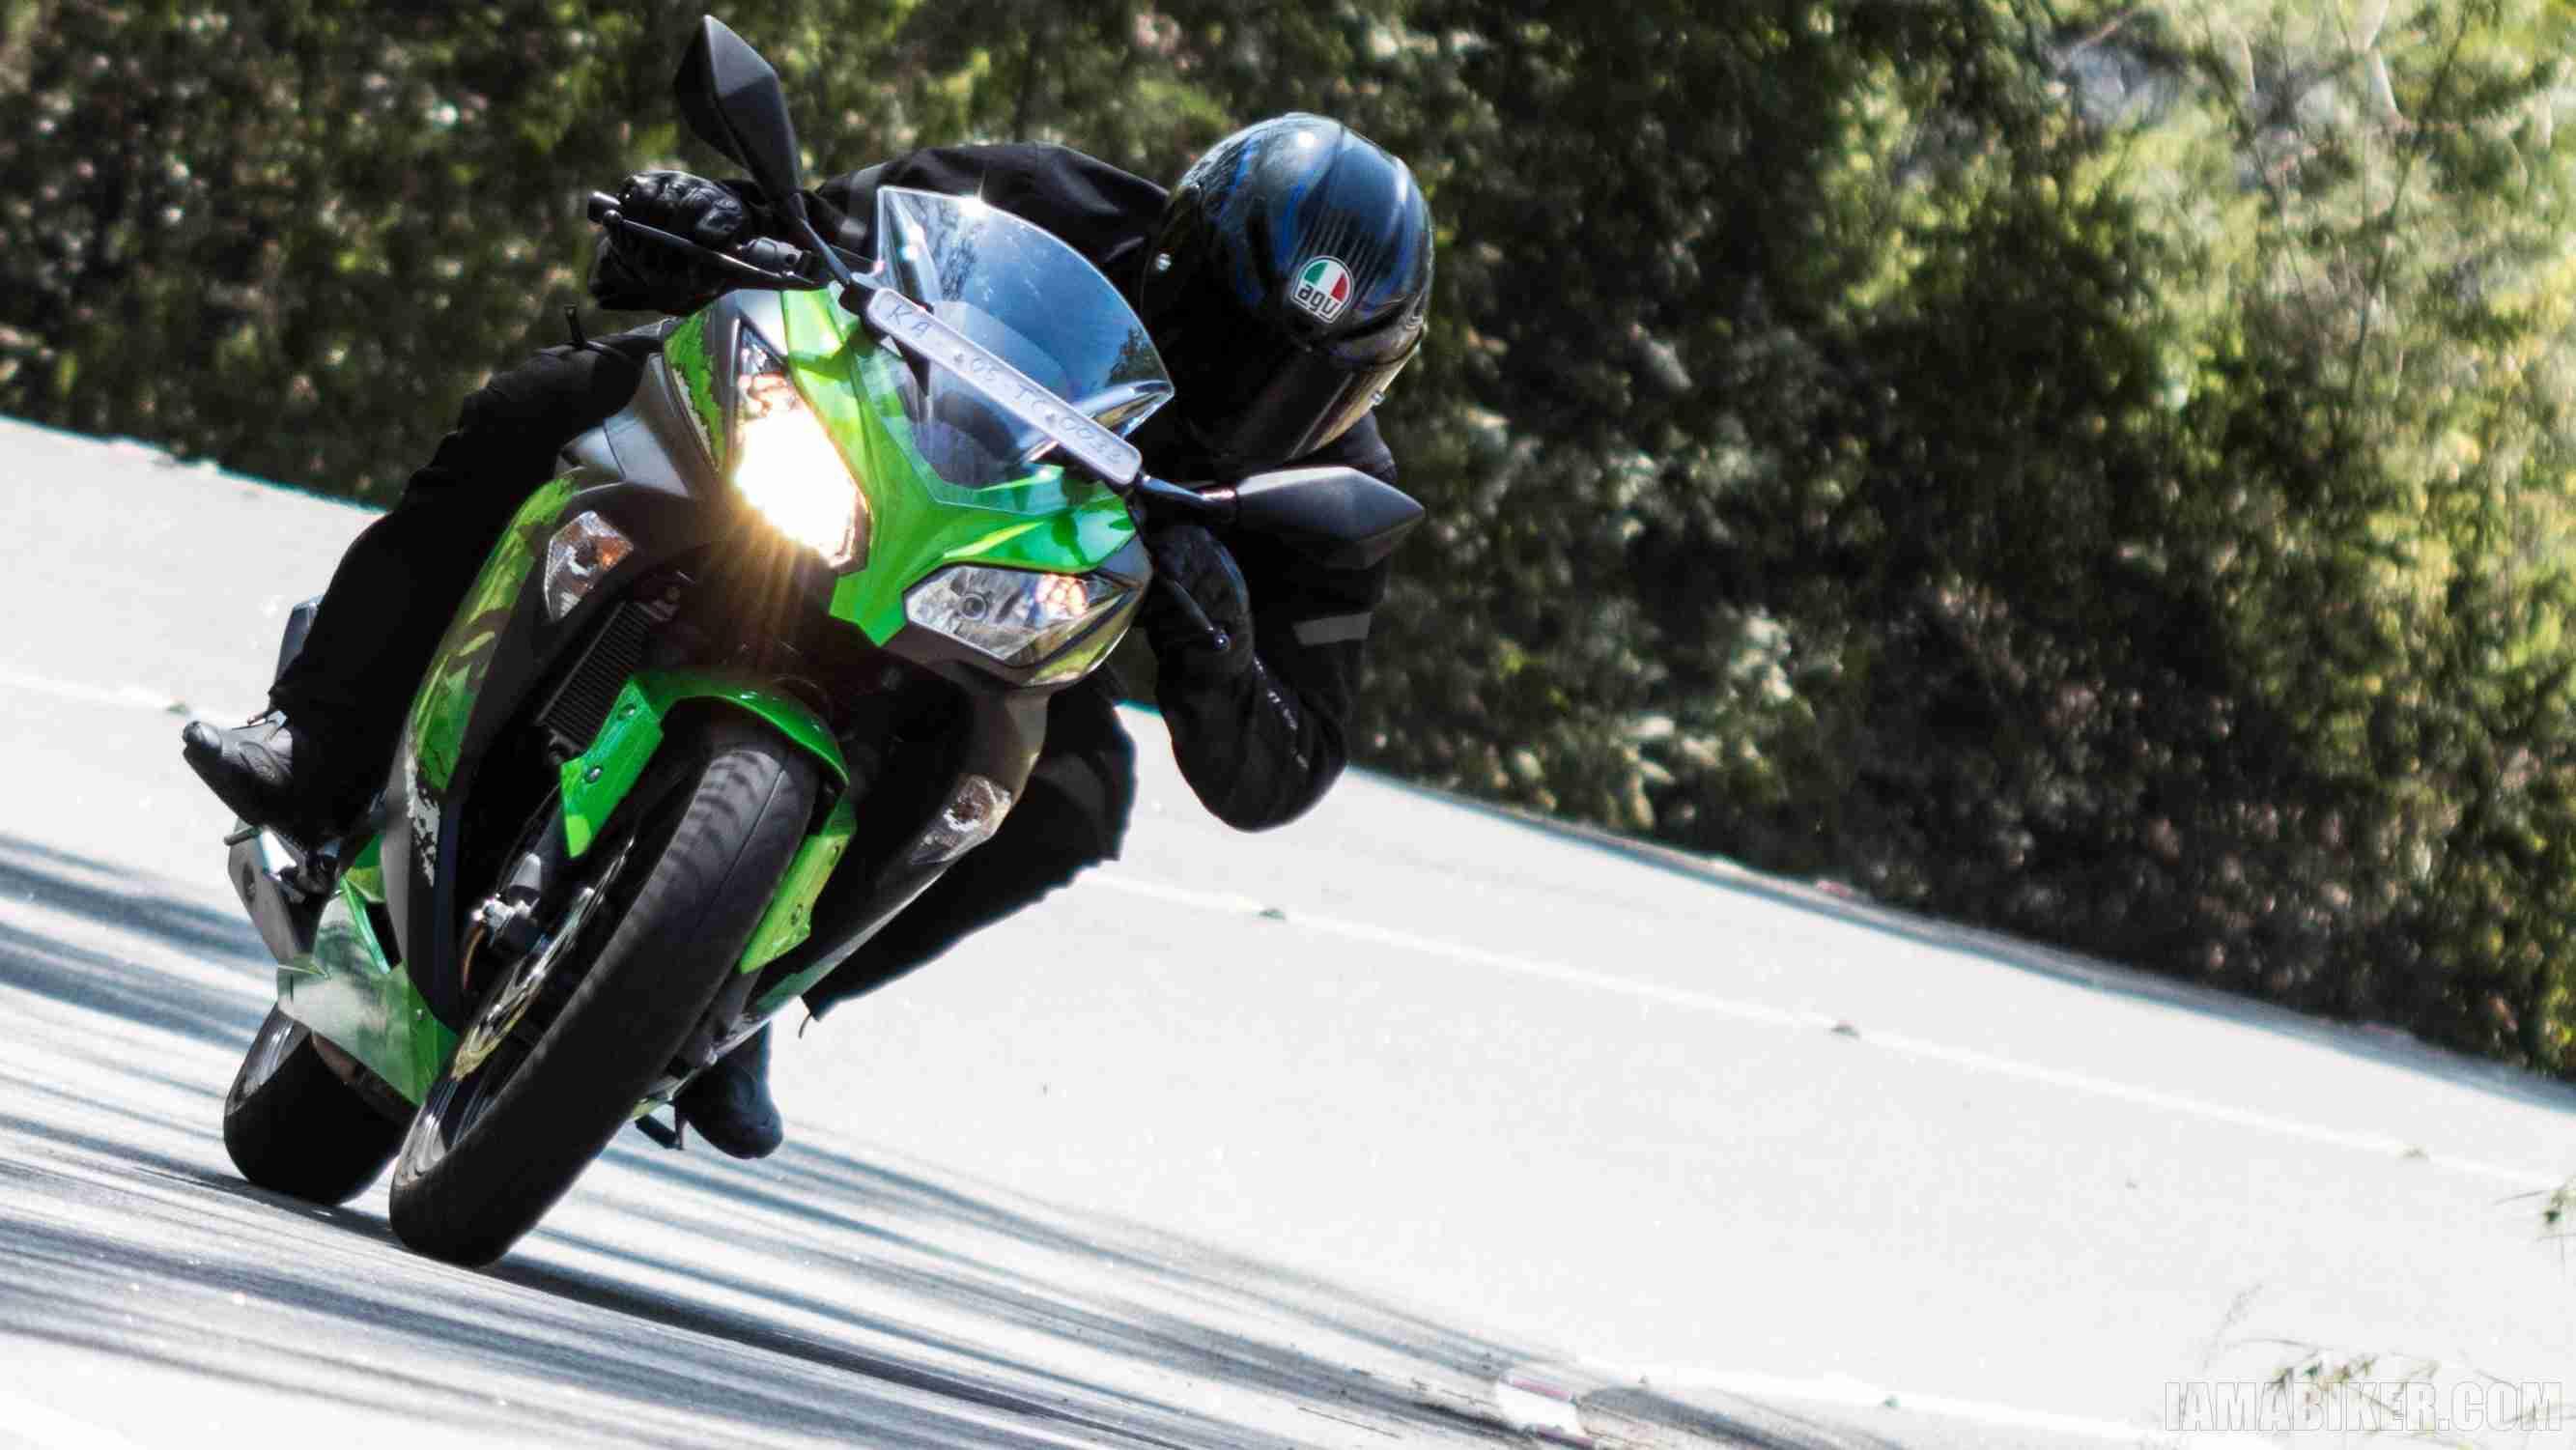 2019 Kawasaki Ninja 300 ABS